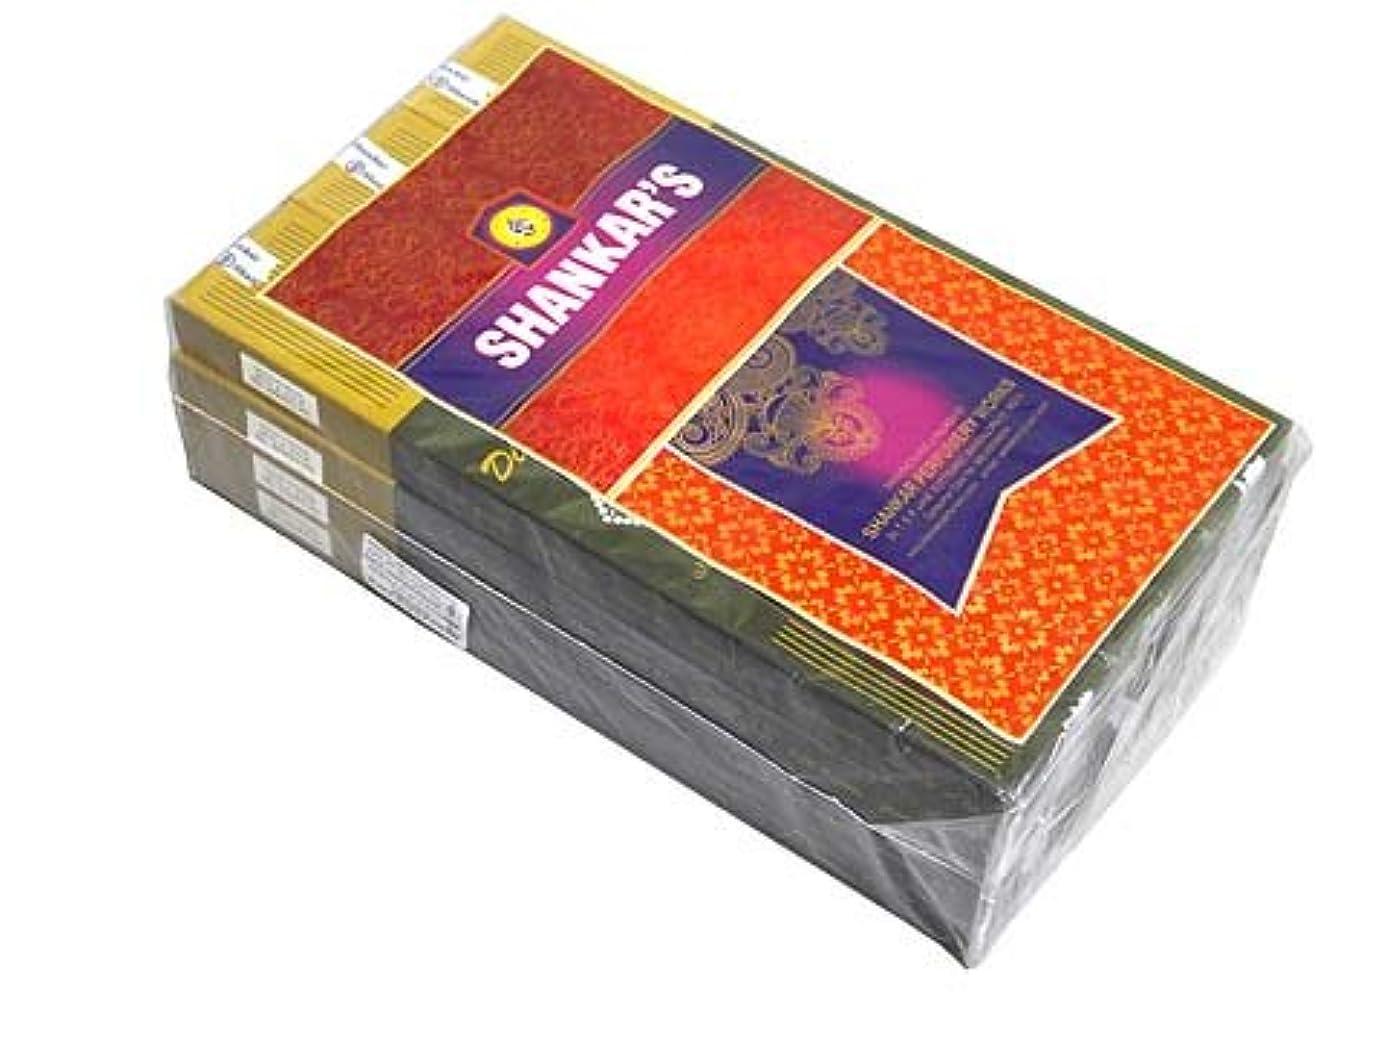 節約するビットバインドSHANKAR'S(シャンカーズ) ブラックダイヤモンド香 スティック BLACK DIAMOND 12箱セット